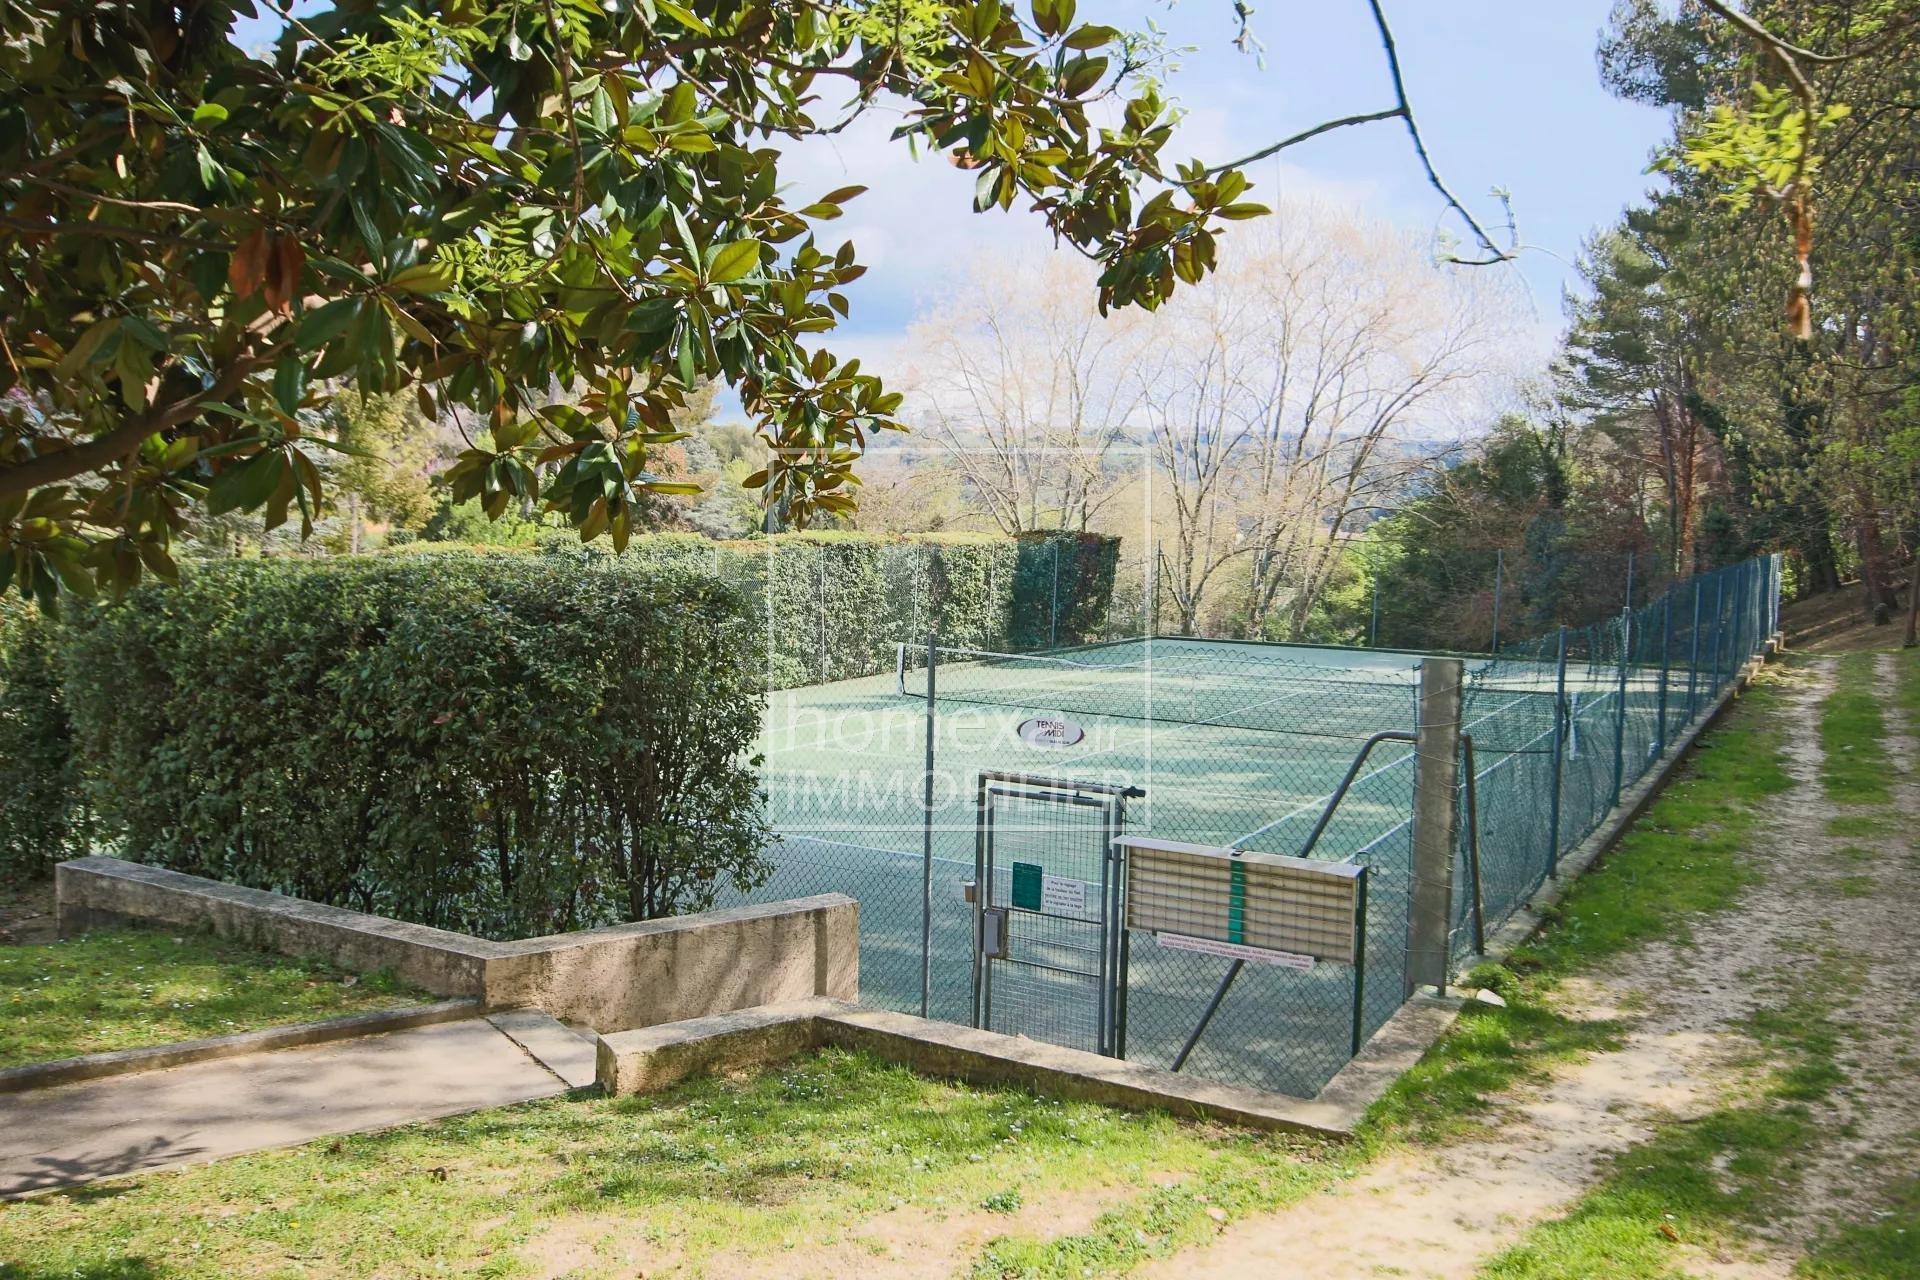 Vente 3P dans un domaine avec piscine-tennis-golf